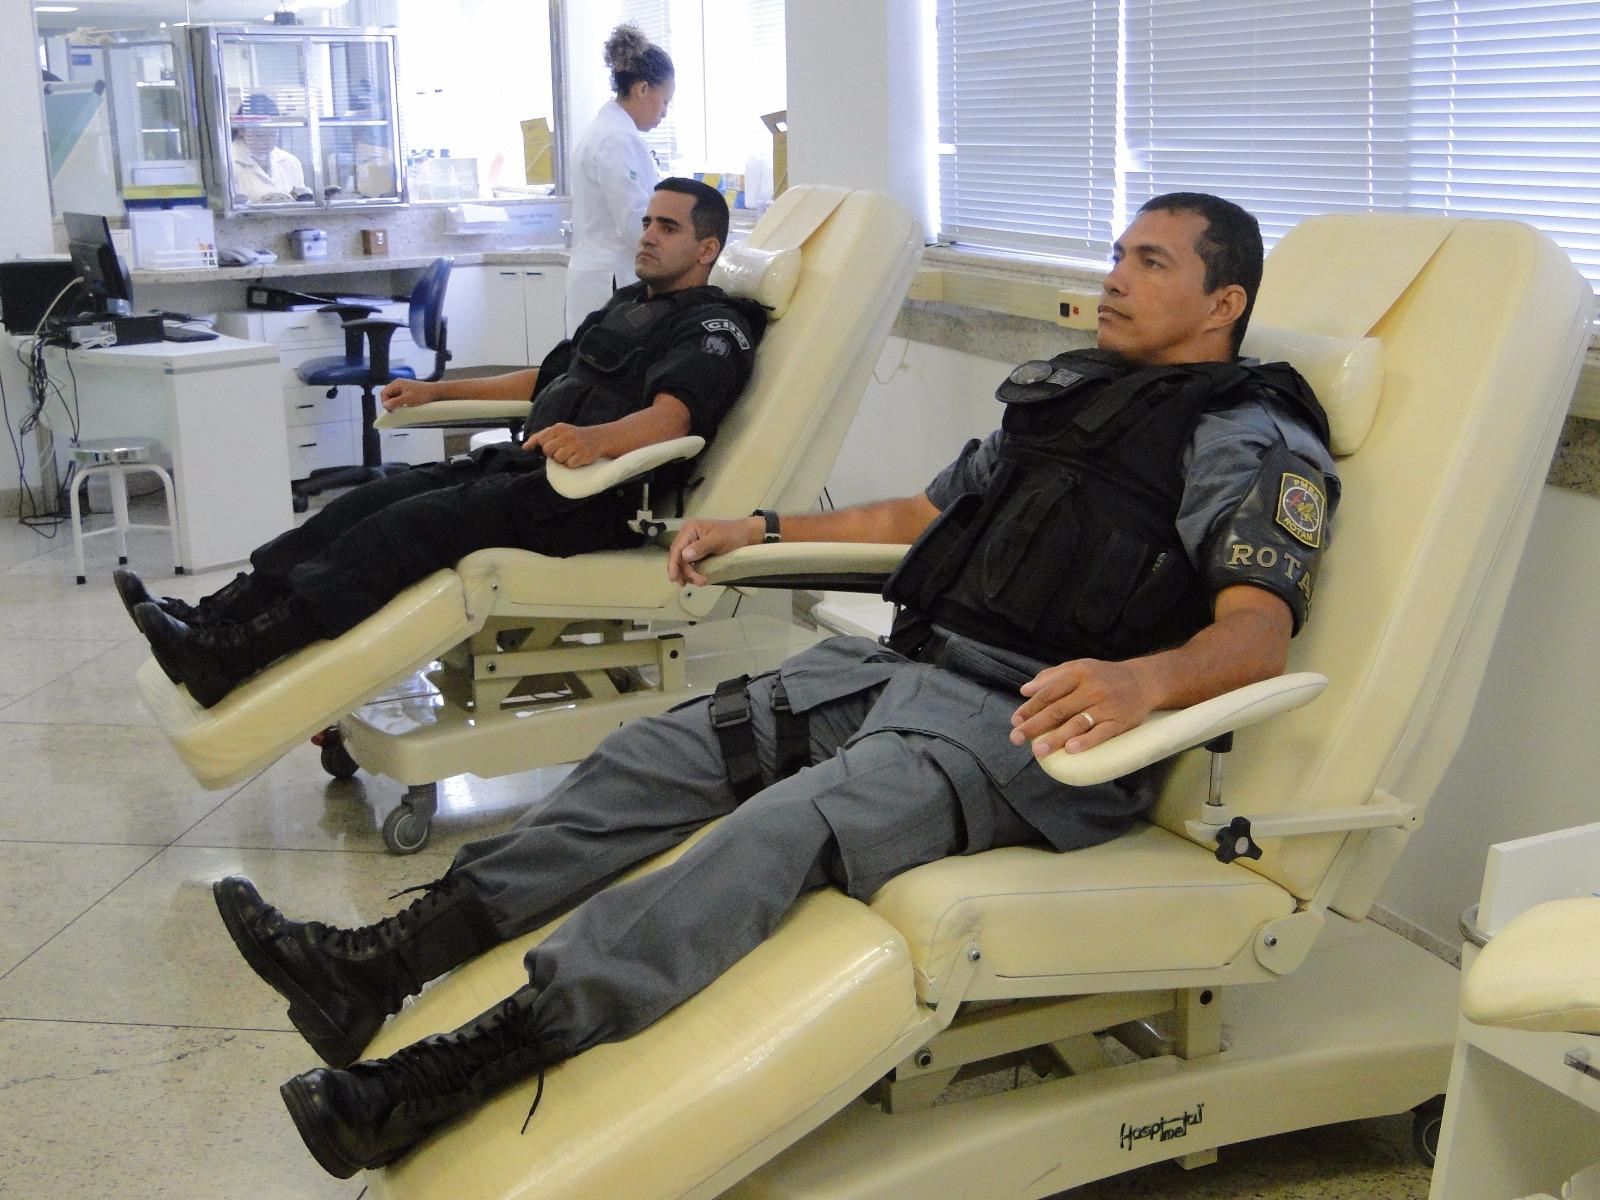 Grupo de policiais militares se reúne para doar sangue